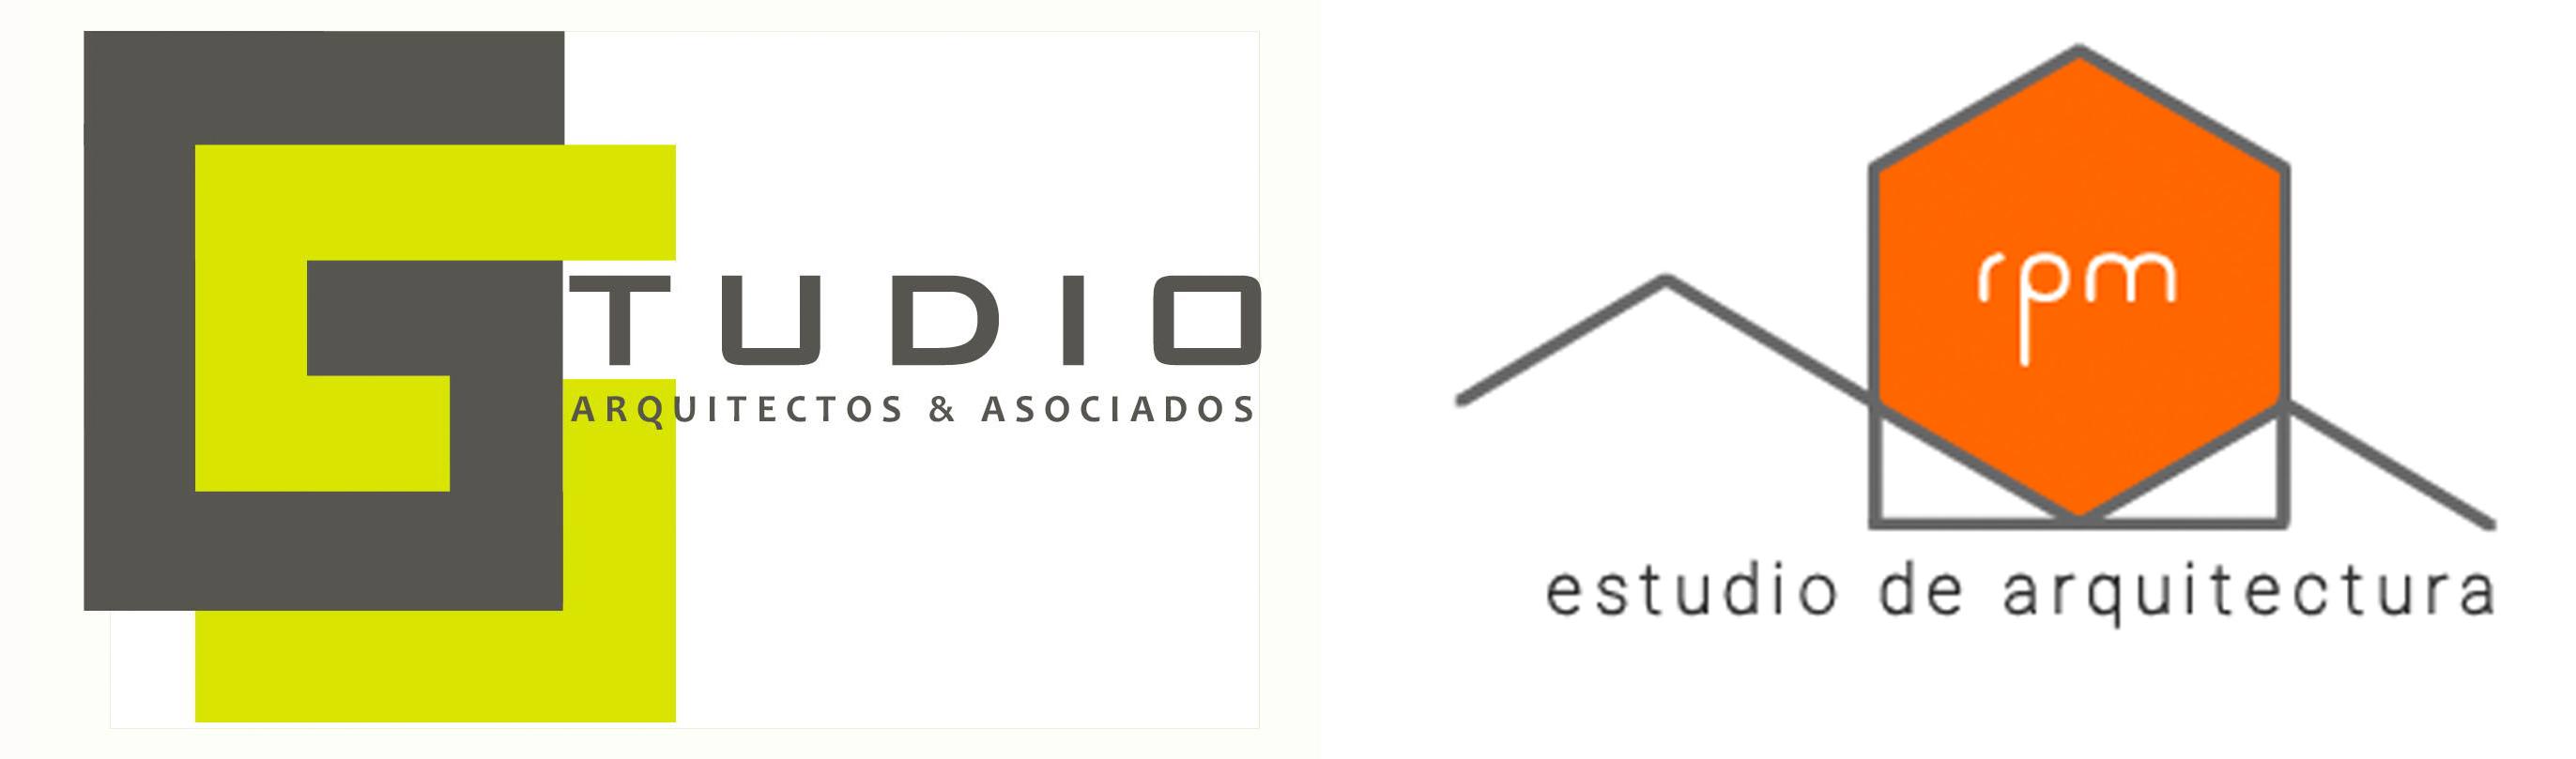 G5tudio Arquitectos & Asociados.